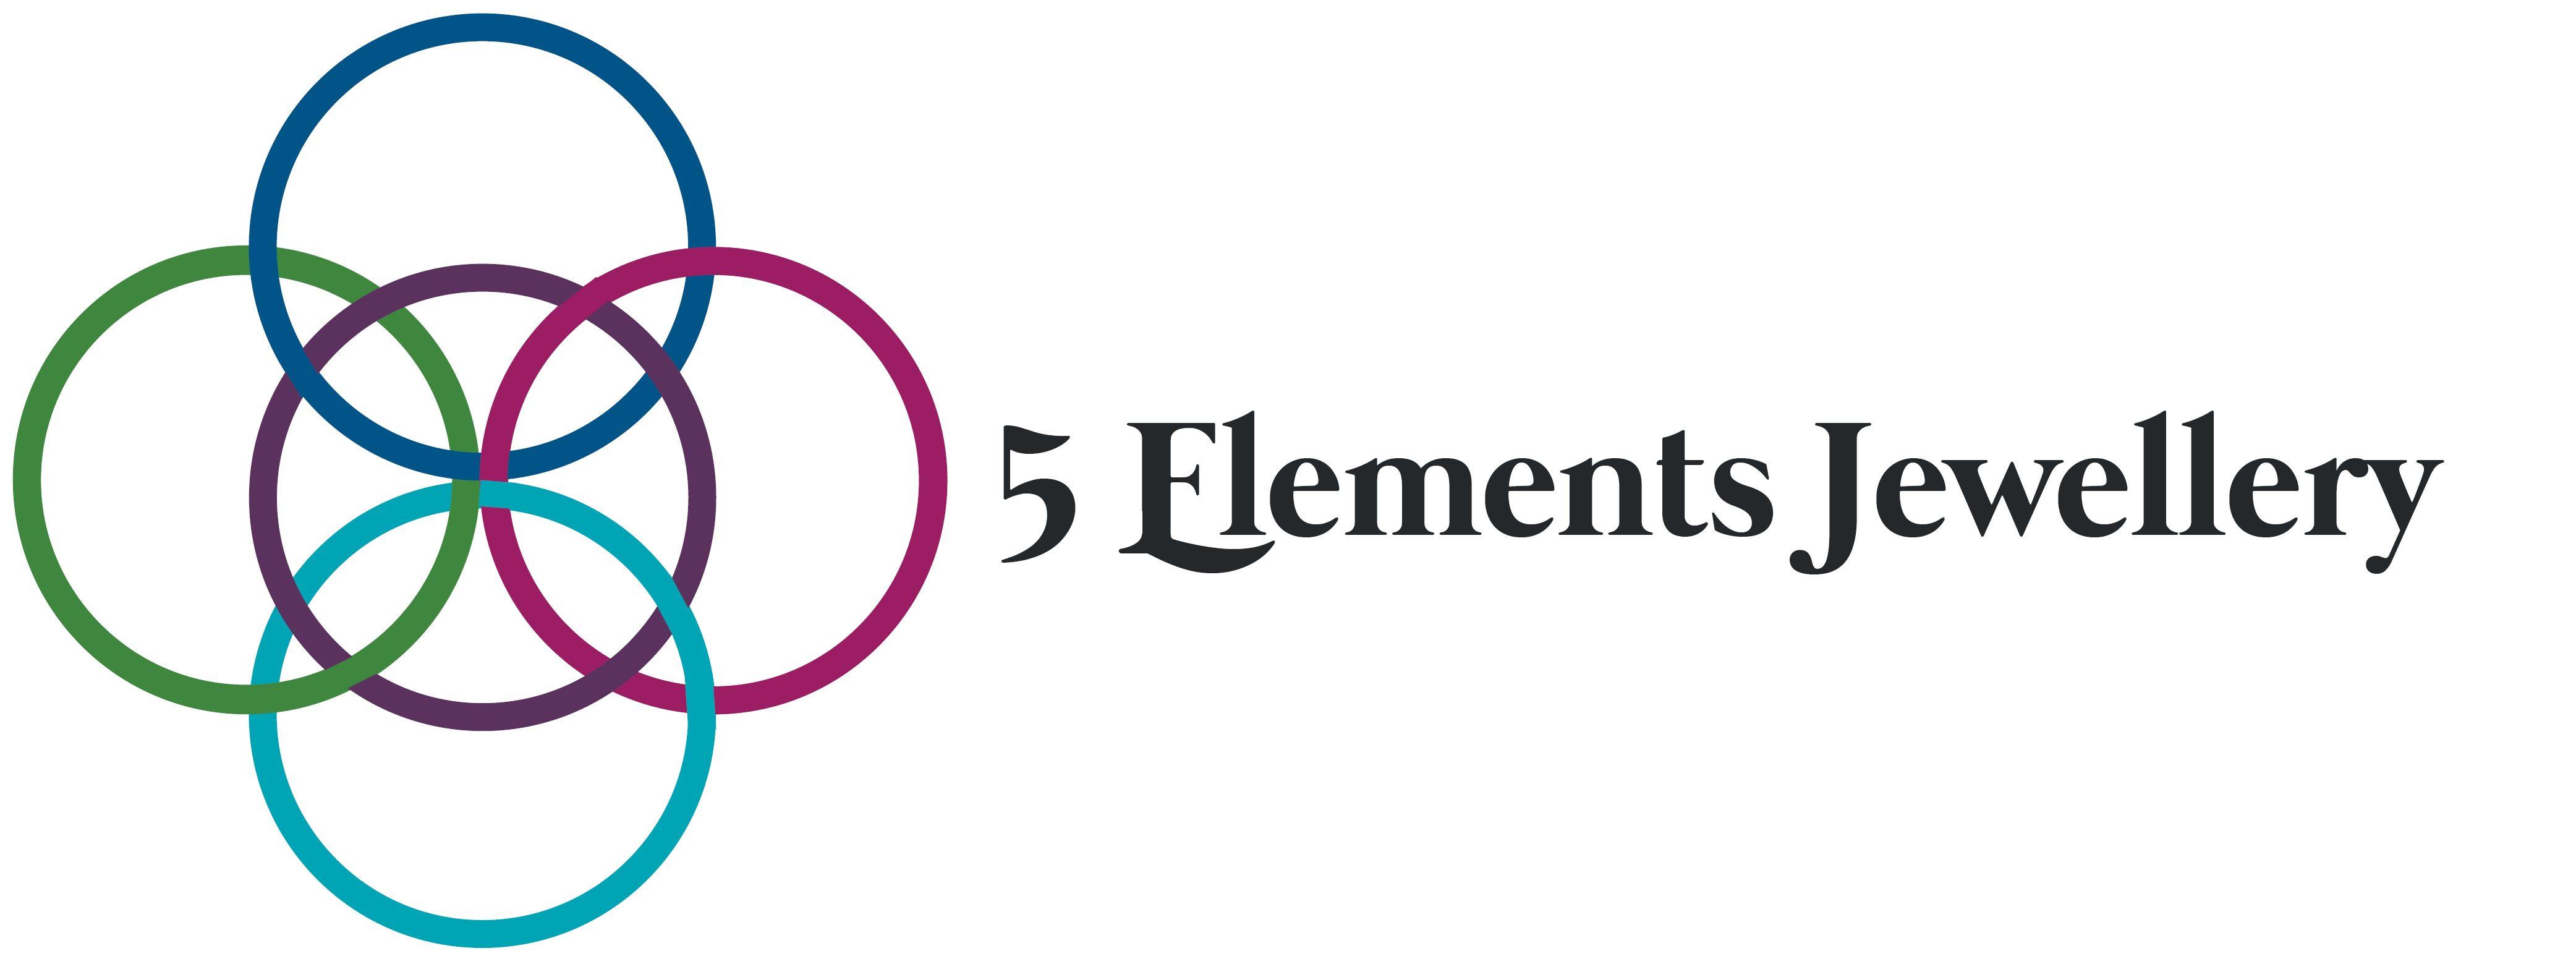 5 Elements Jewellery